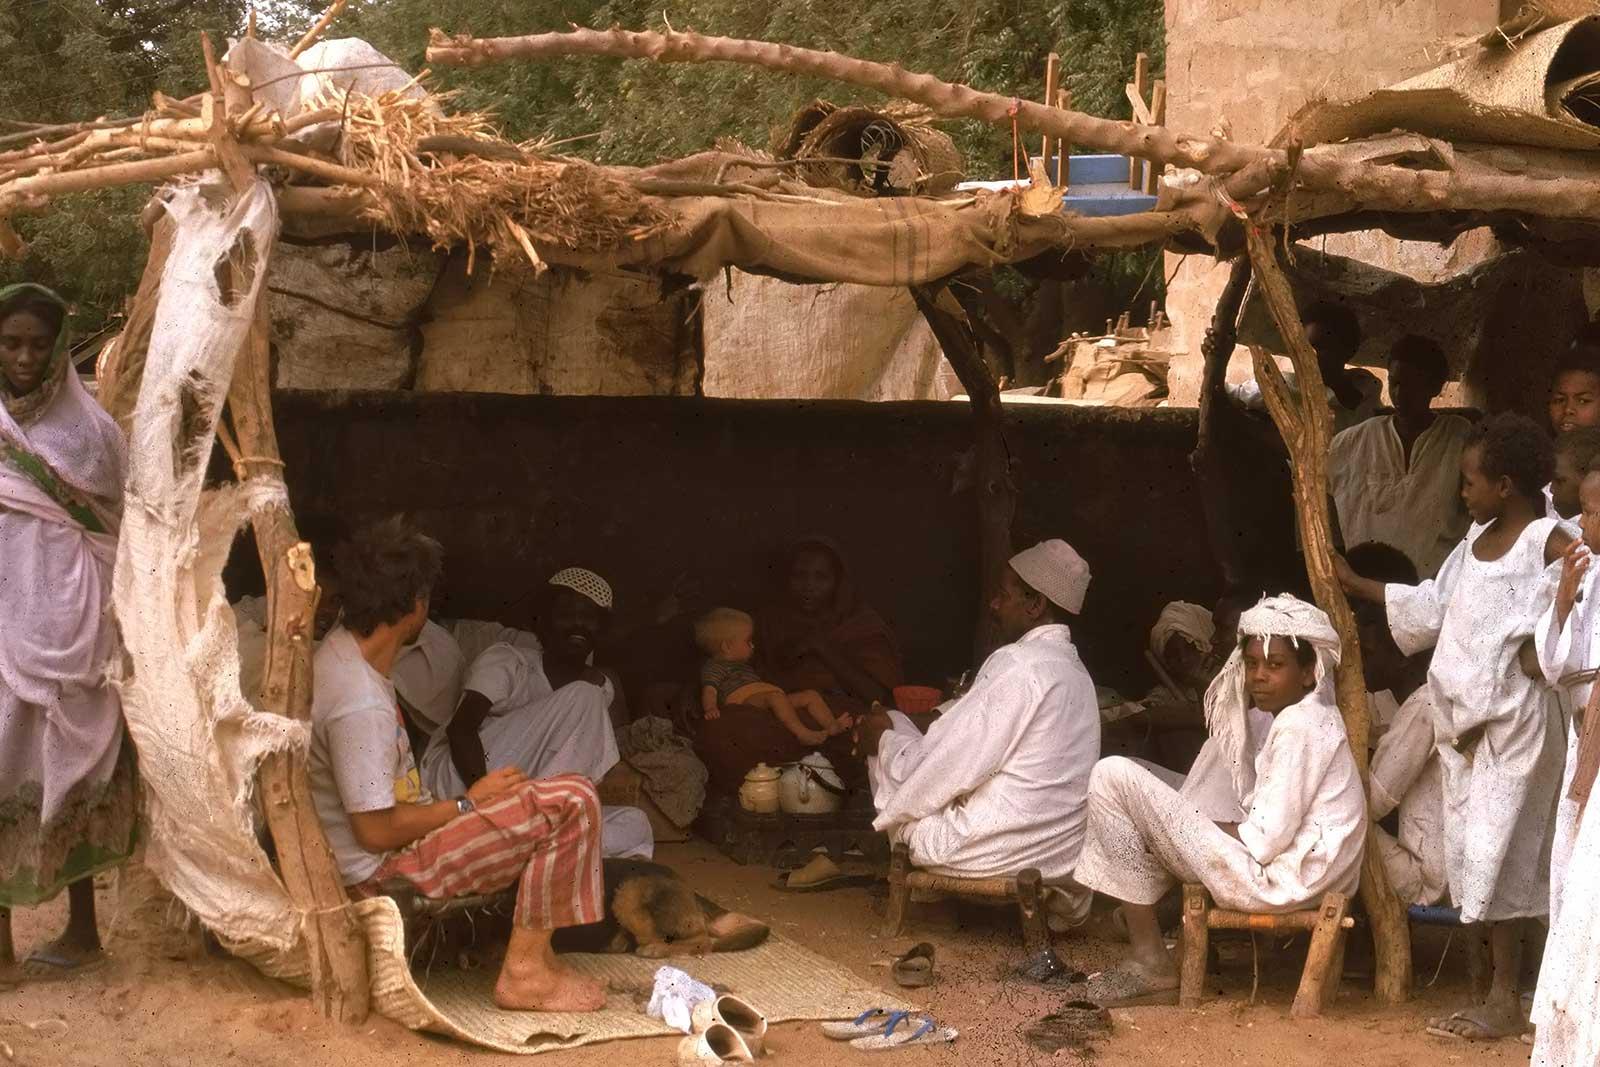 village-northern-sudan-trucking-africa